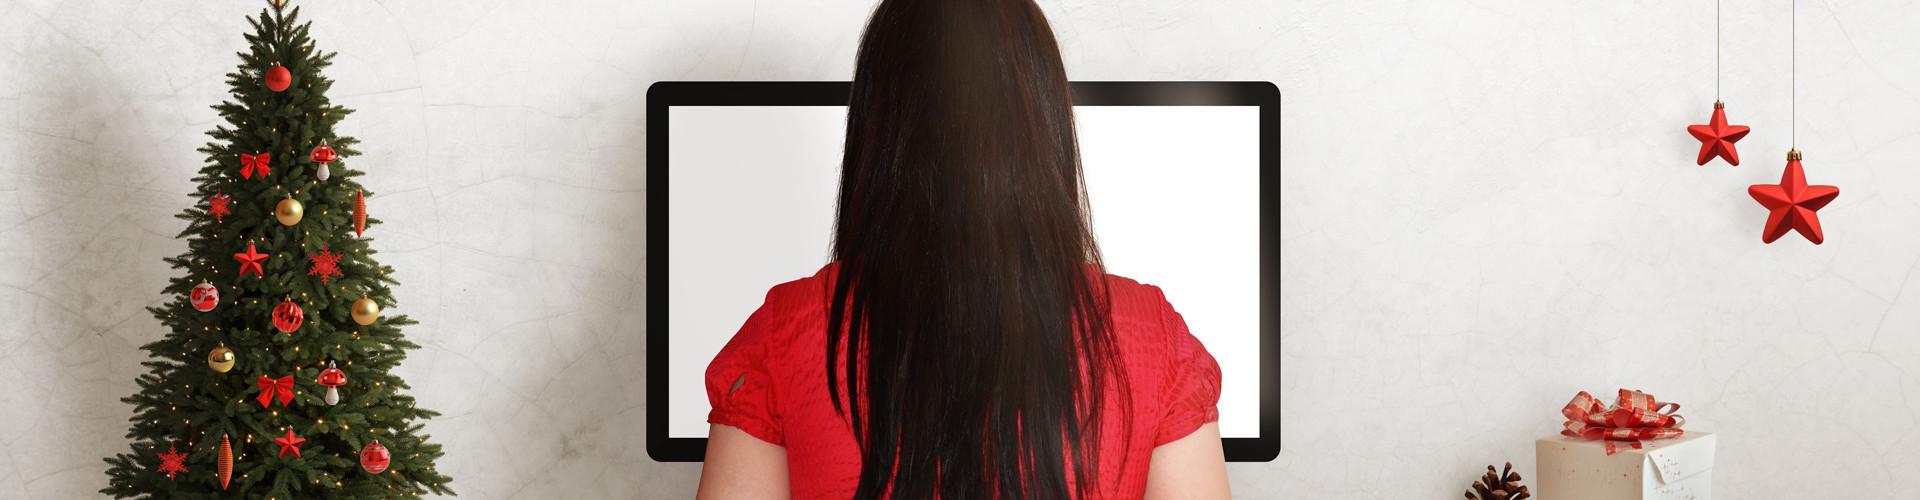 Eine Frau arbeitet am Computer. Auf dem Schreibtisch steht Weihnachtsdekoration. © Stanisic Vladimir, stock.adobe.com